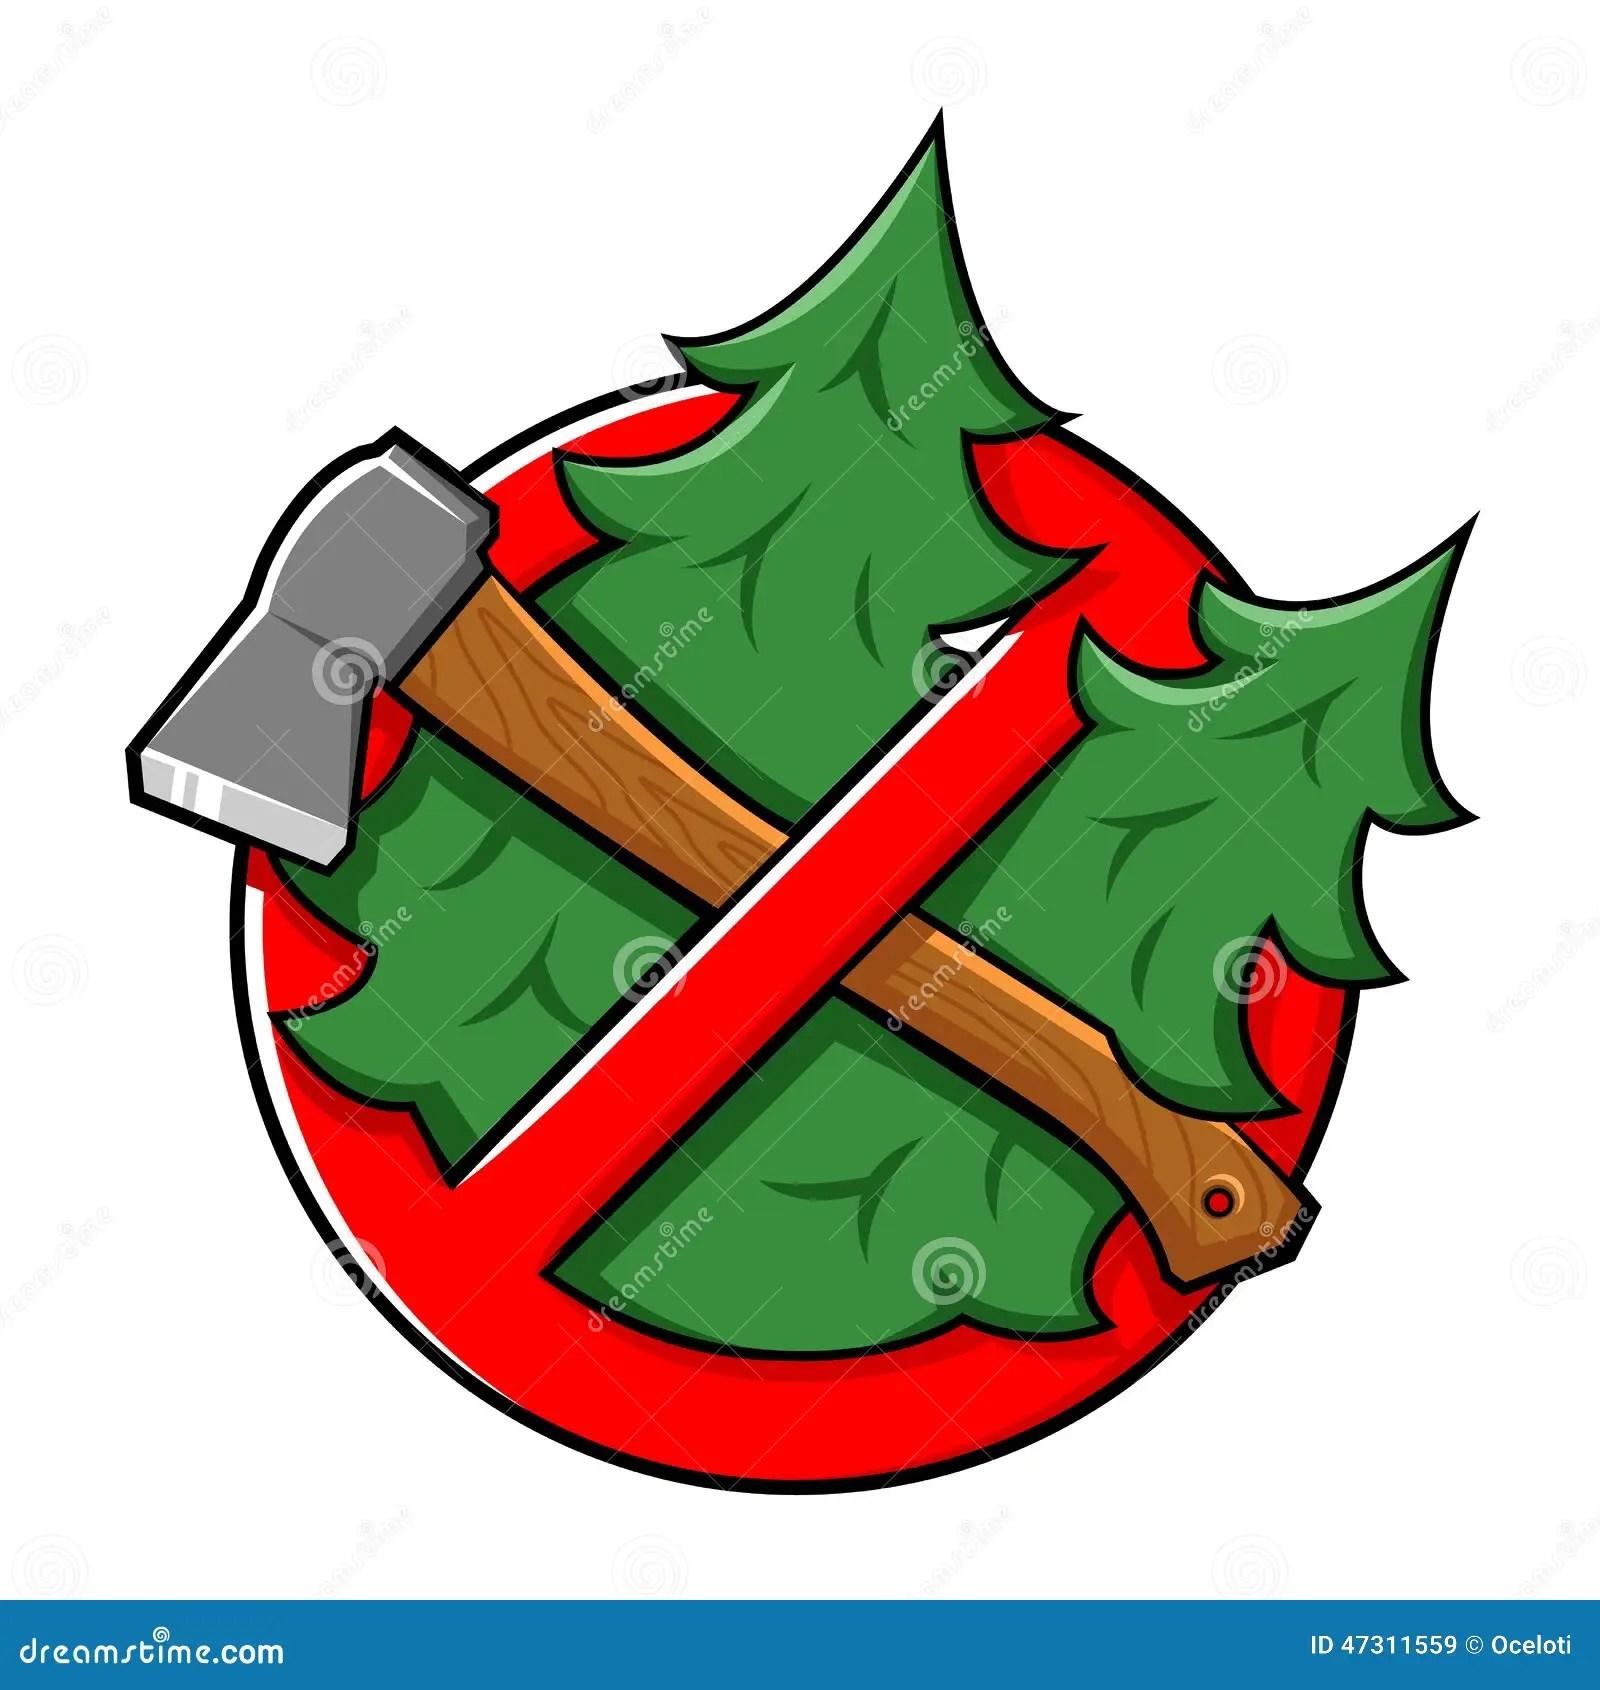 Do Not Cut Tree Sign stock vector. Illustration of danger ...